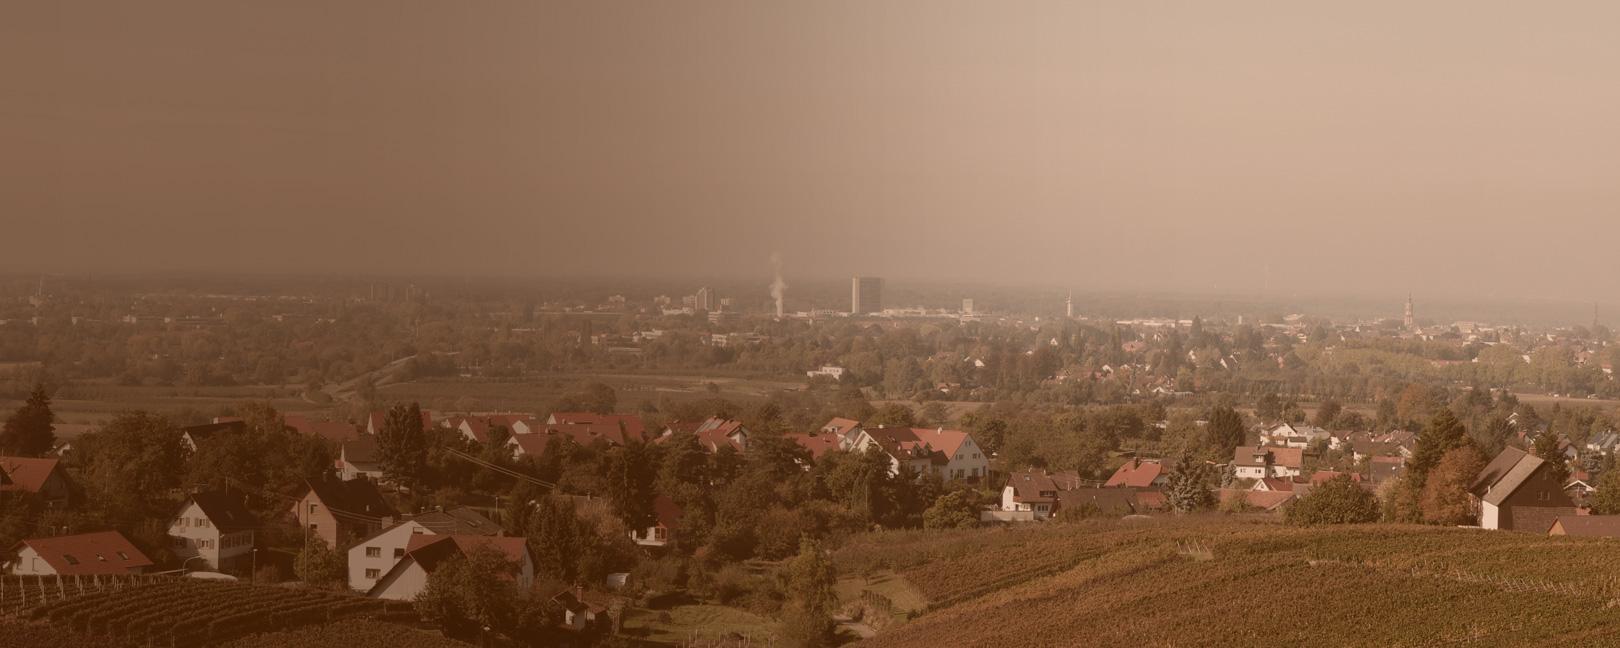 Parallax-Offenburg